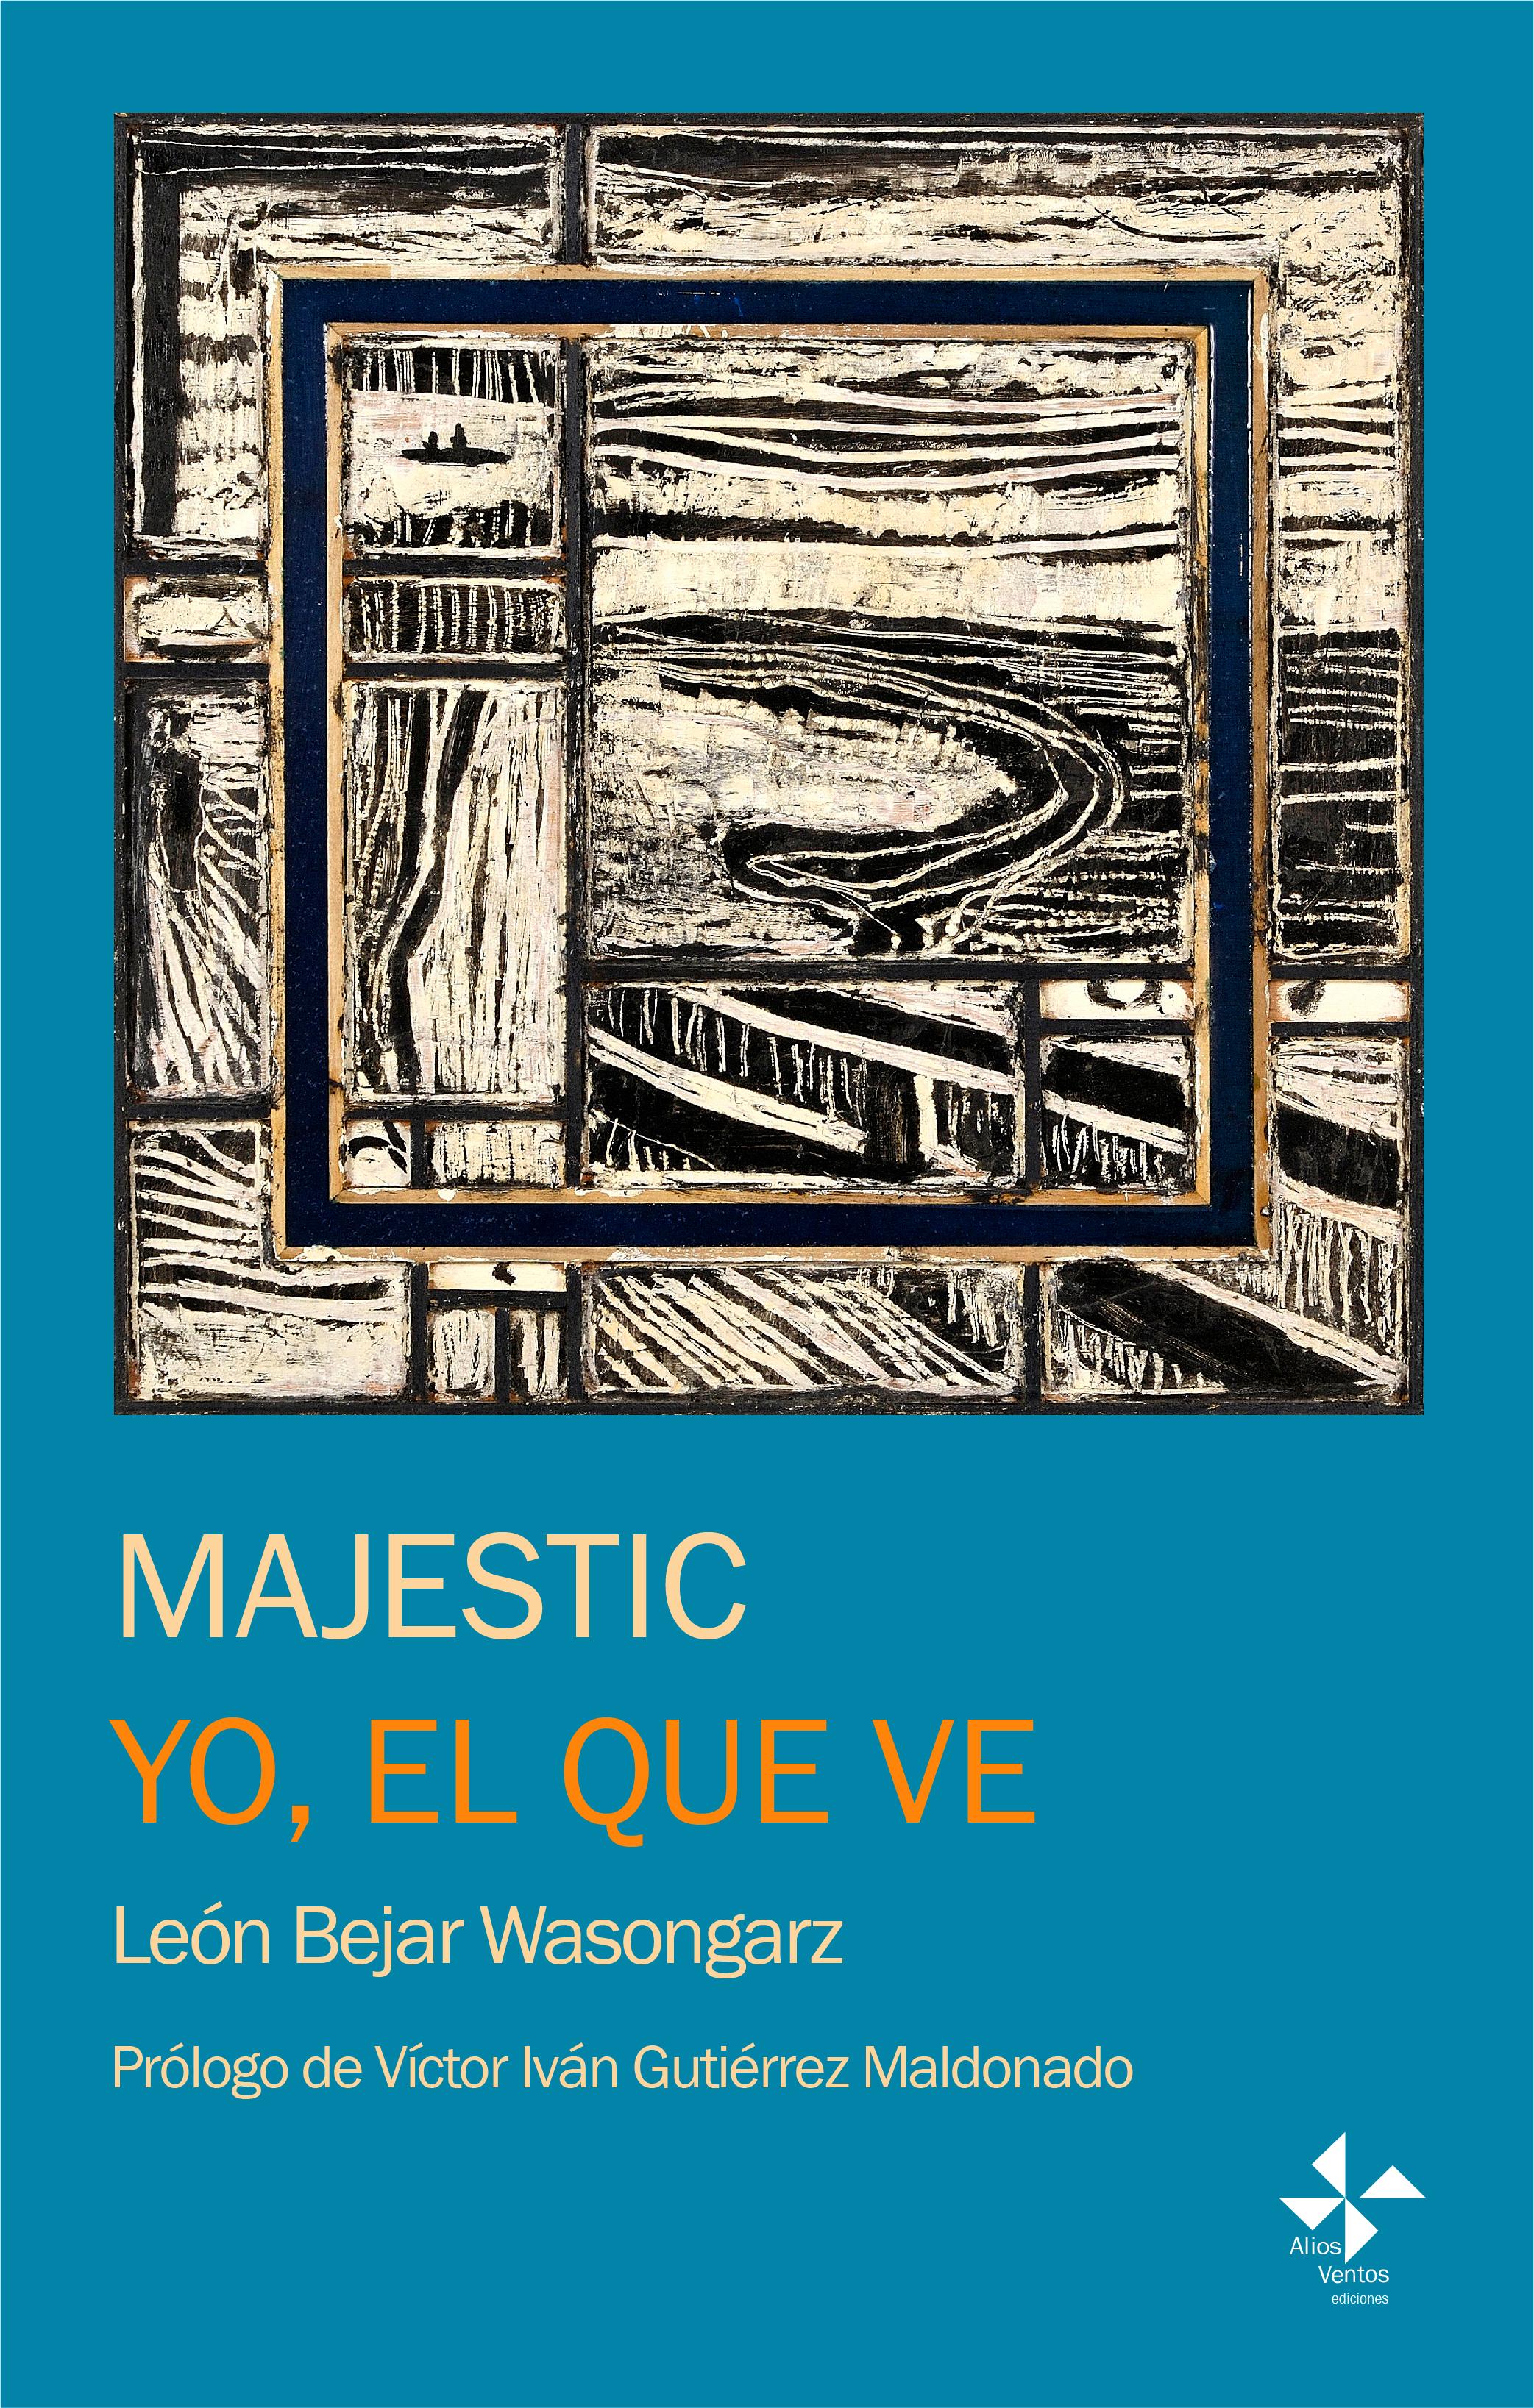 Portada-Dos obras de León Béjar W.